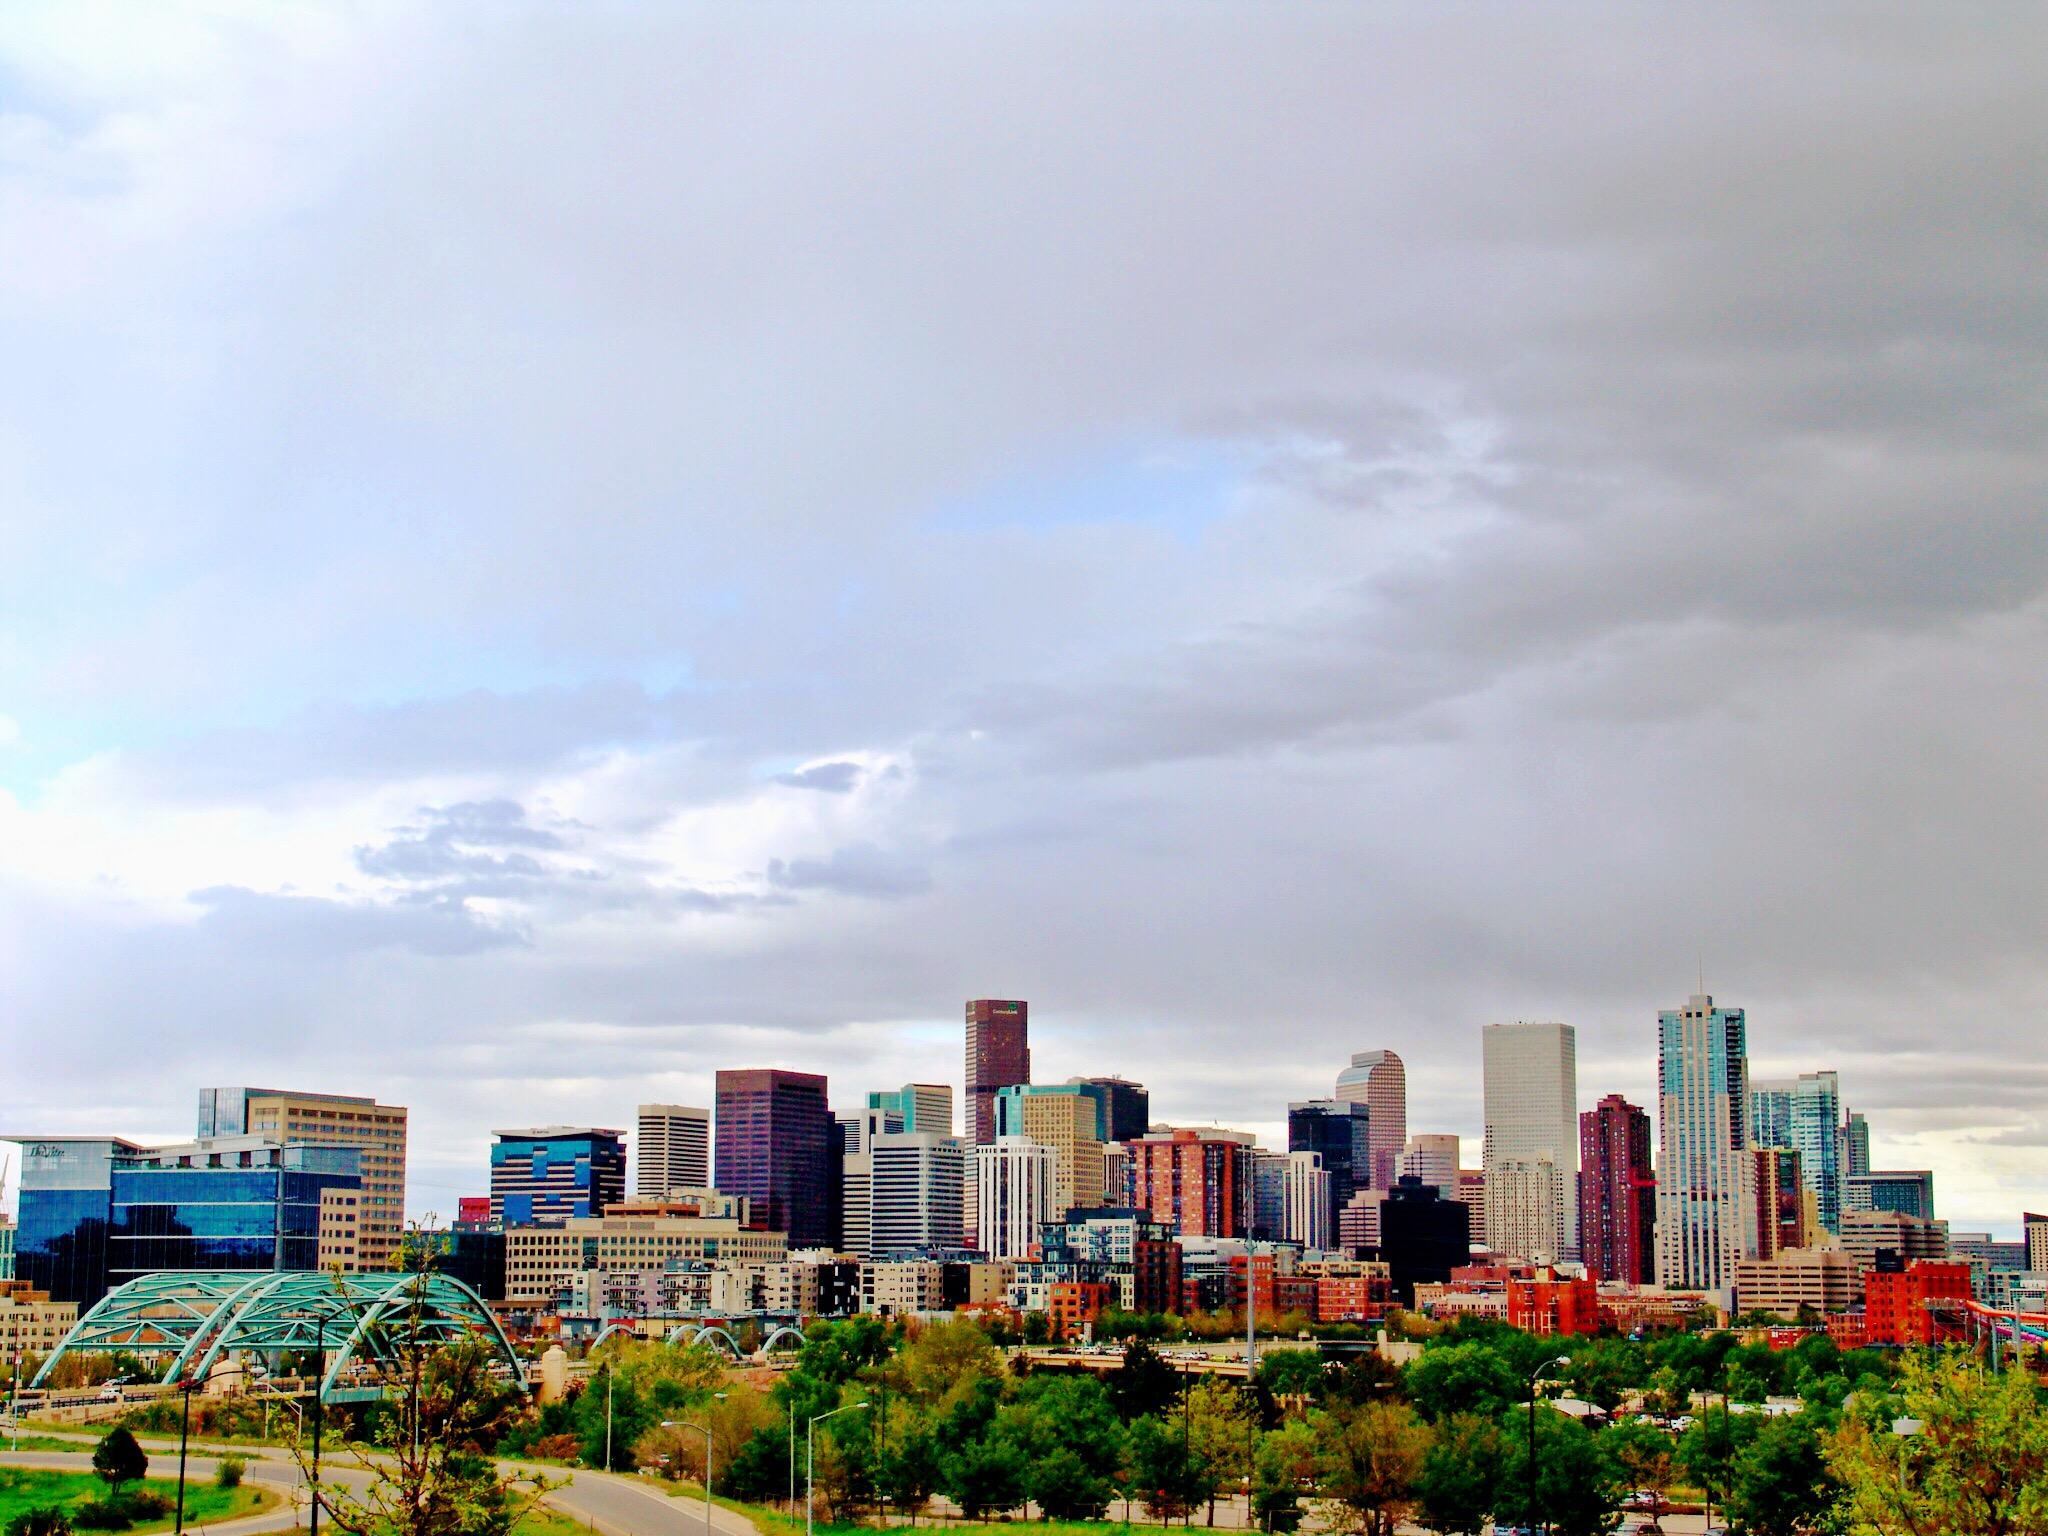 Skyline view of Denver, Colorado